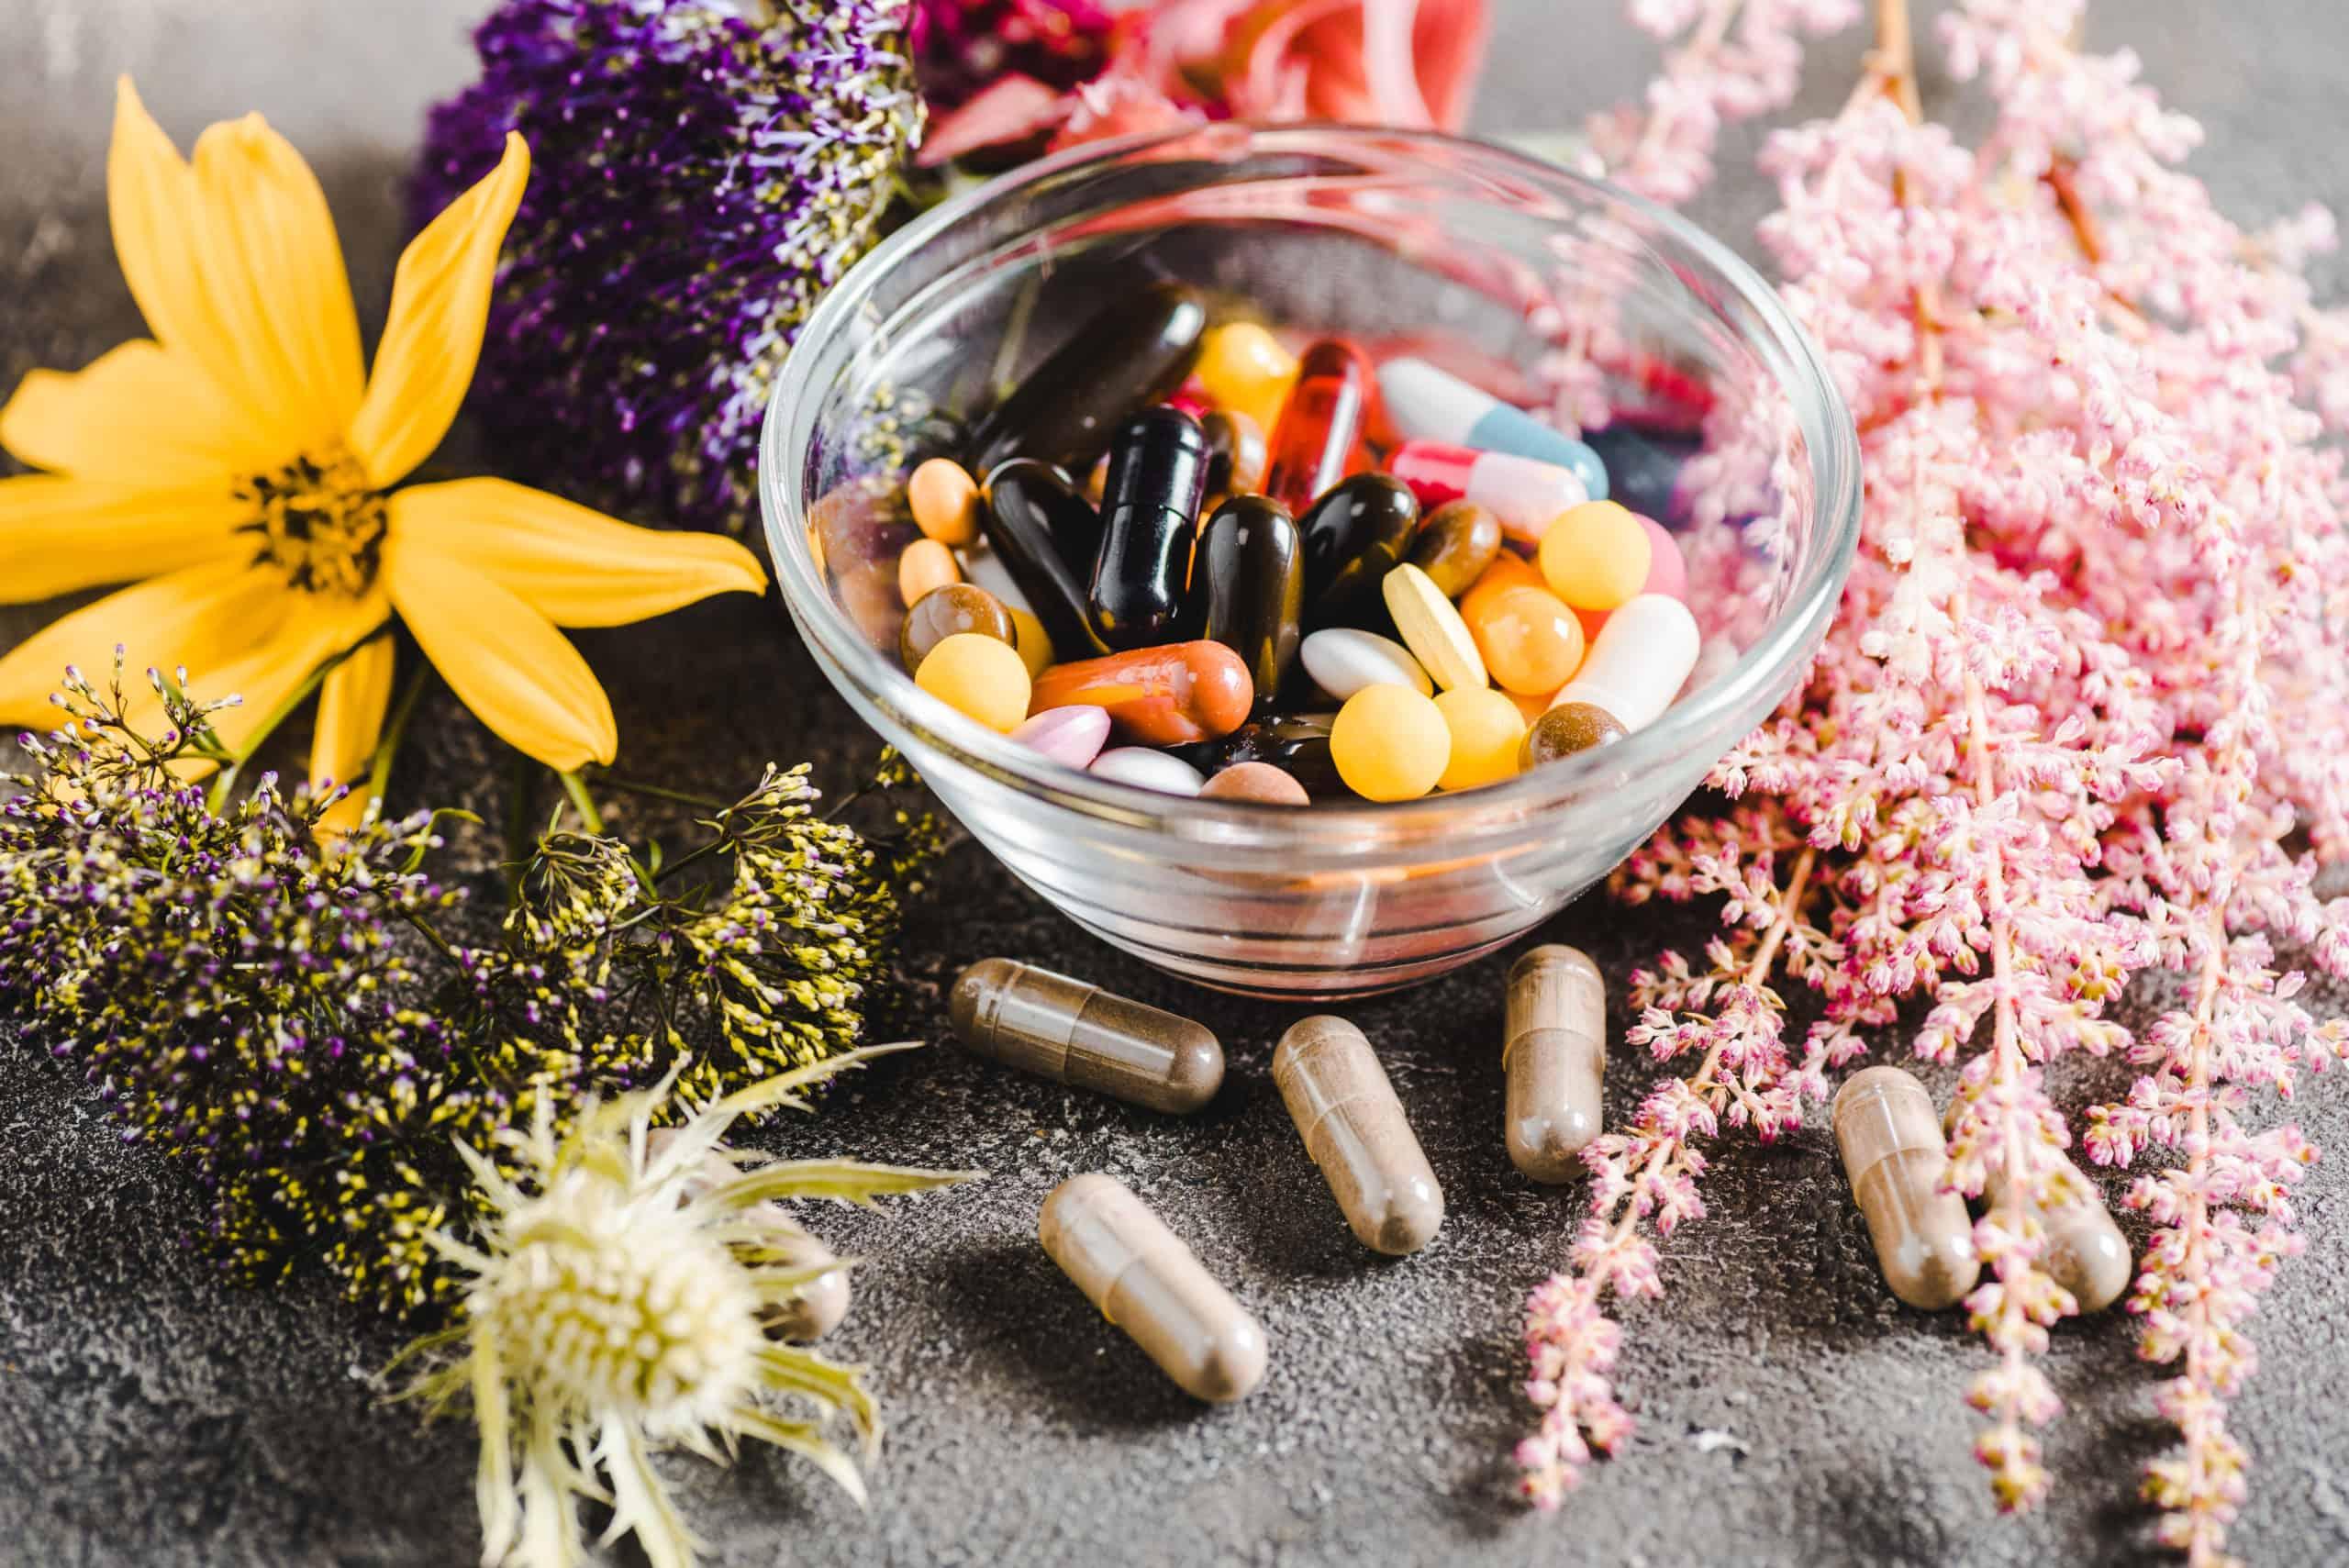 Une séléction des meilleurs actifs de santé naturels pour l'énergie, comme le montre ce bol transparent rempli de gélules et capsules, entouré de fleurs et de plantes médicinales